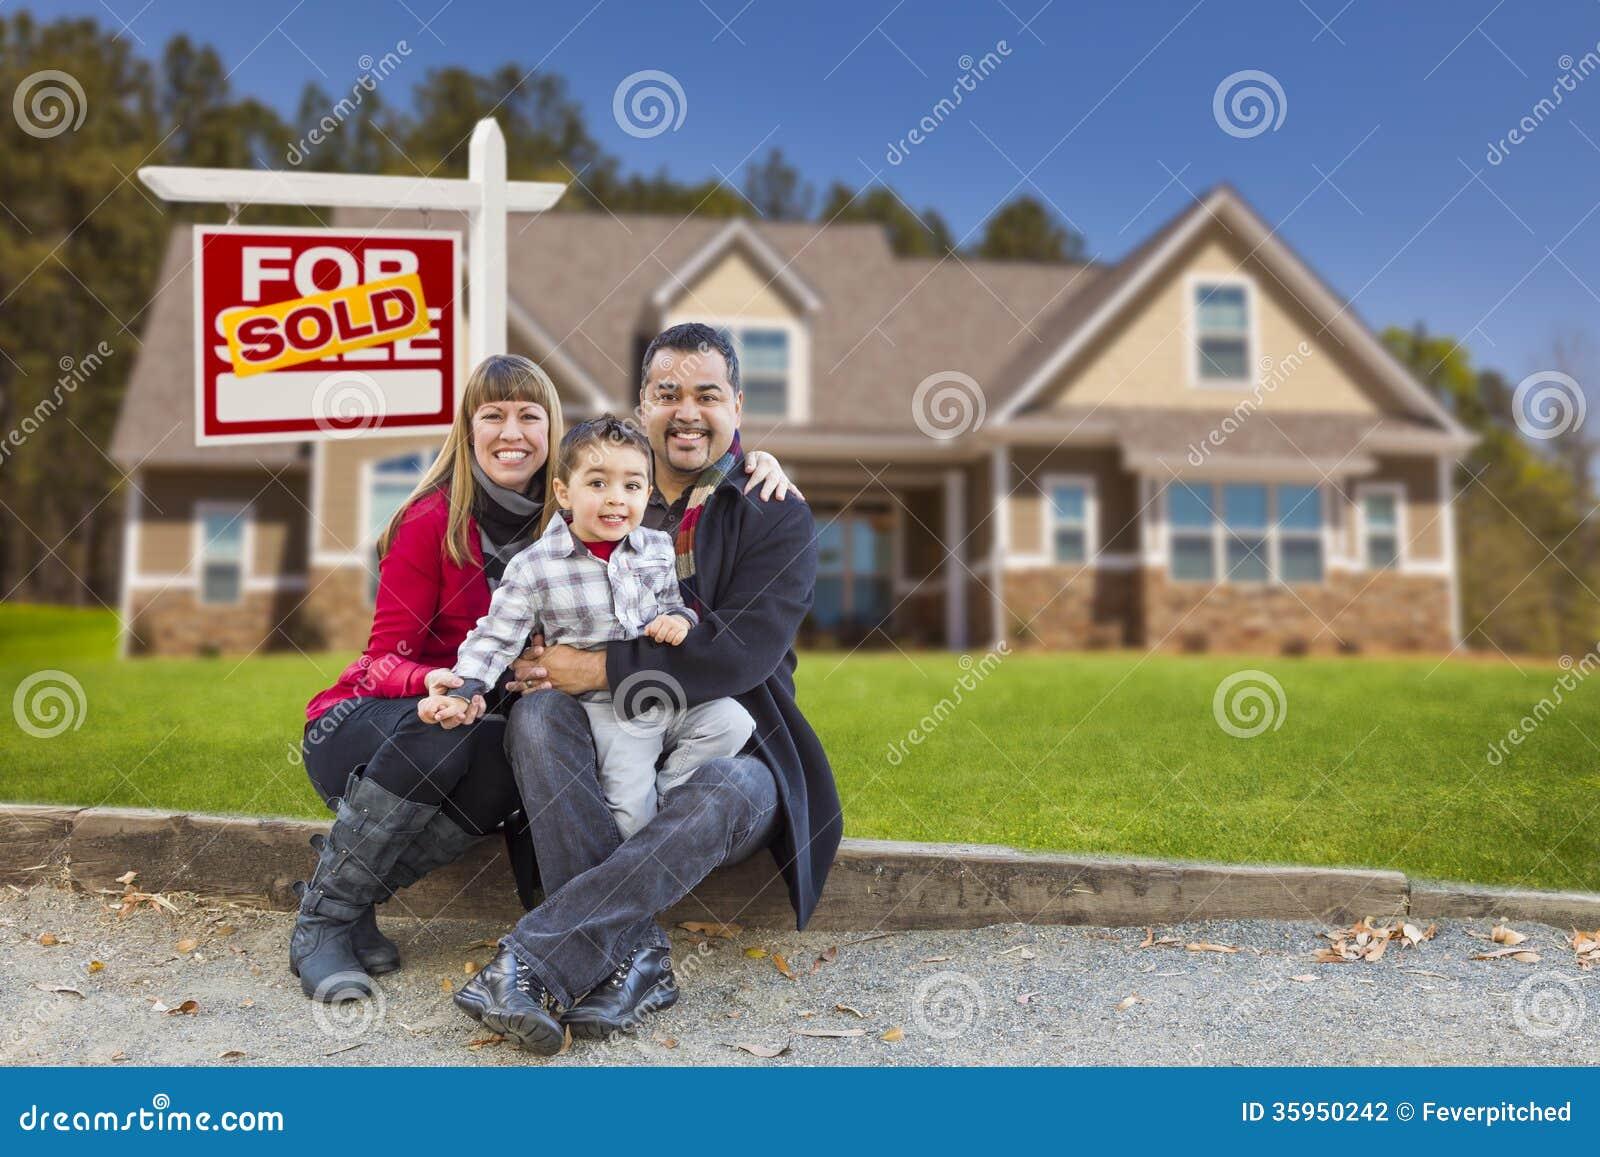 Mieszany Biegowy dom rodzinny Sprzedający Dla sprzedaż znaka